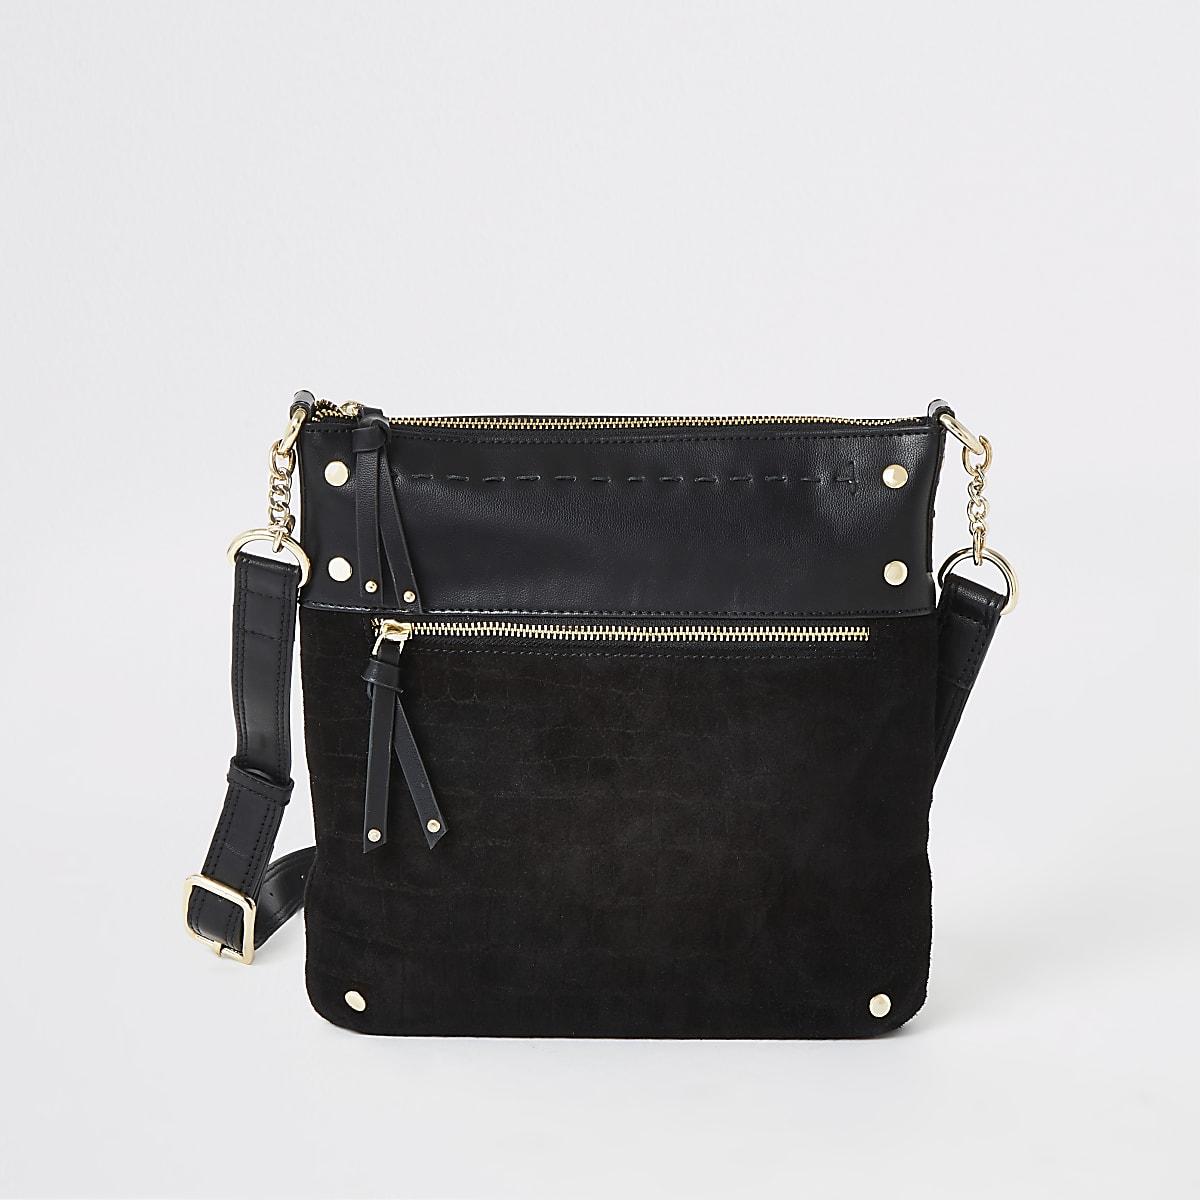 Black leather studded messenger bag